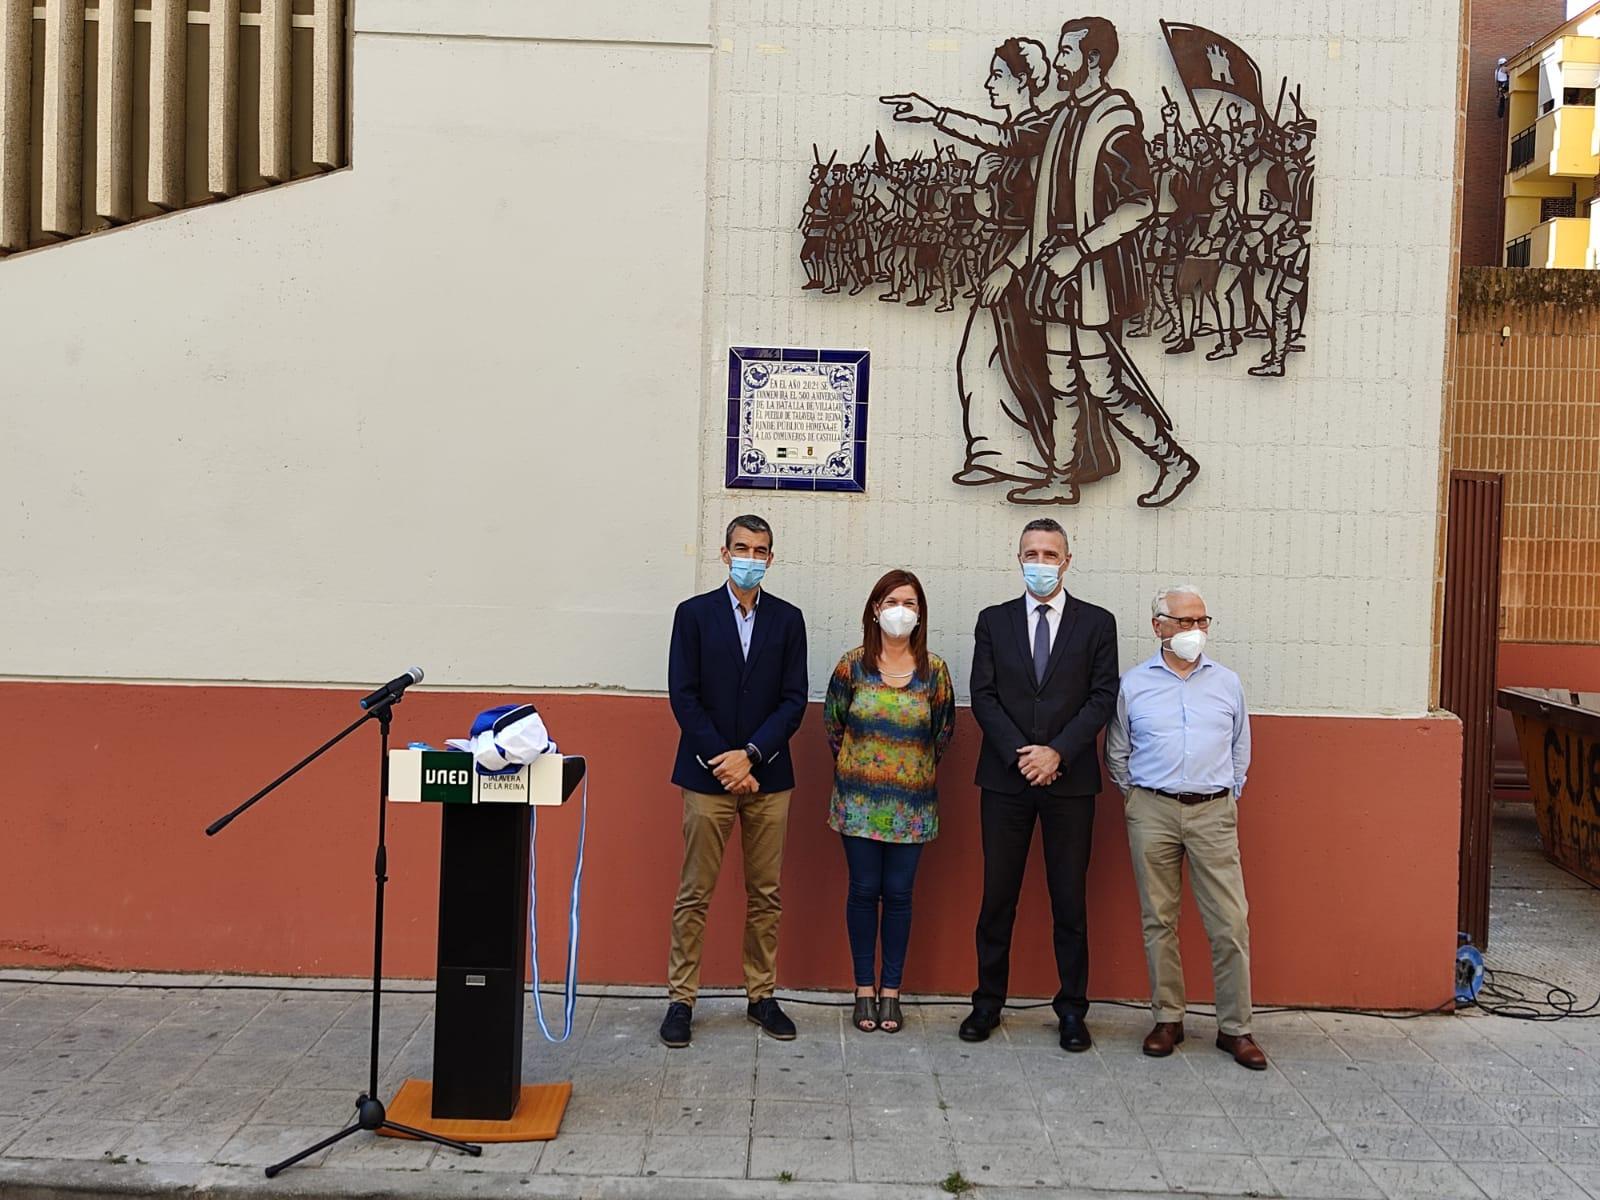 María Jesús Pérez descubre un mural y placa conmemorativa en Talavera de la Reina en homenaje a los comuneros de Castilla